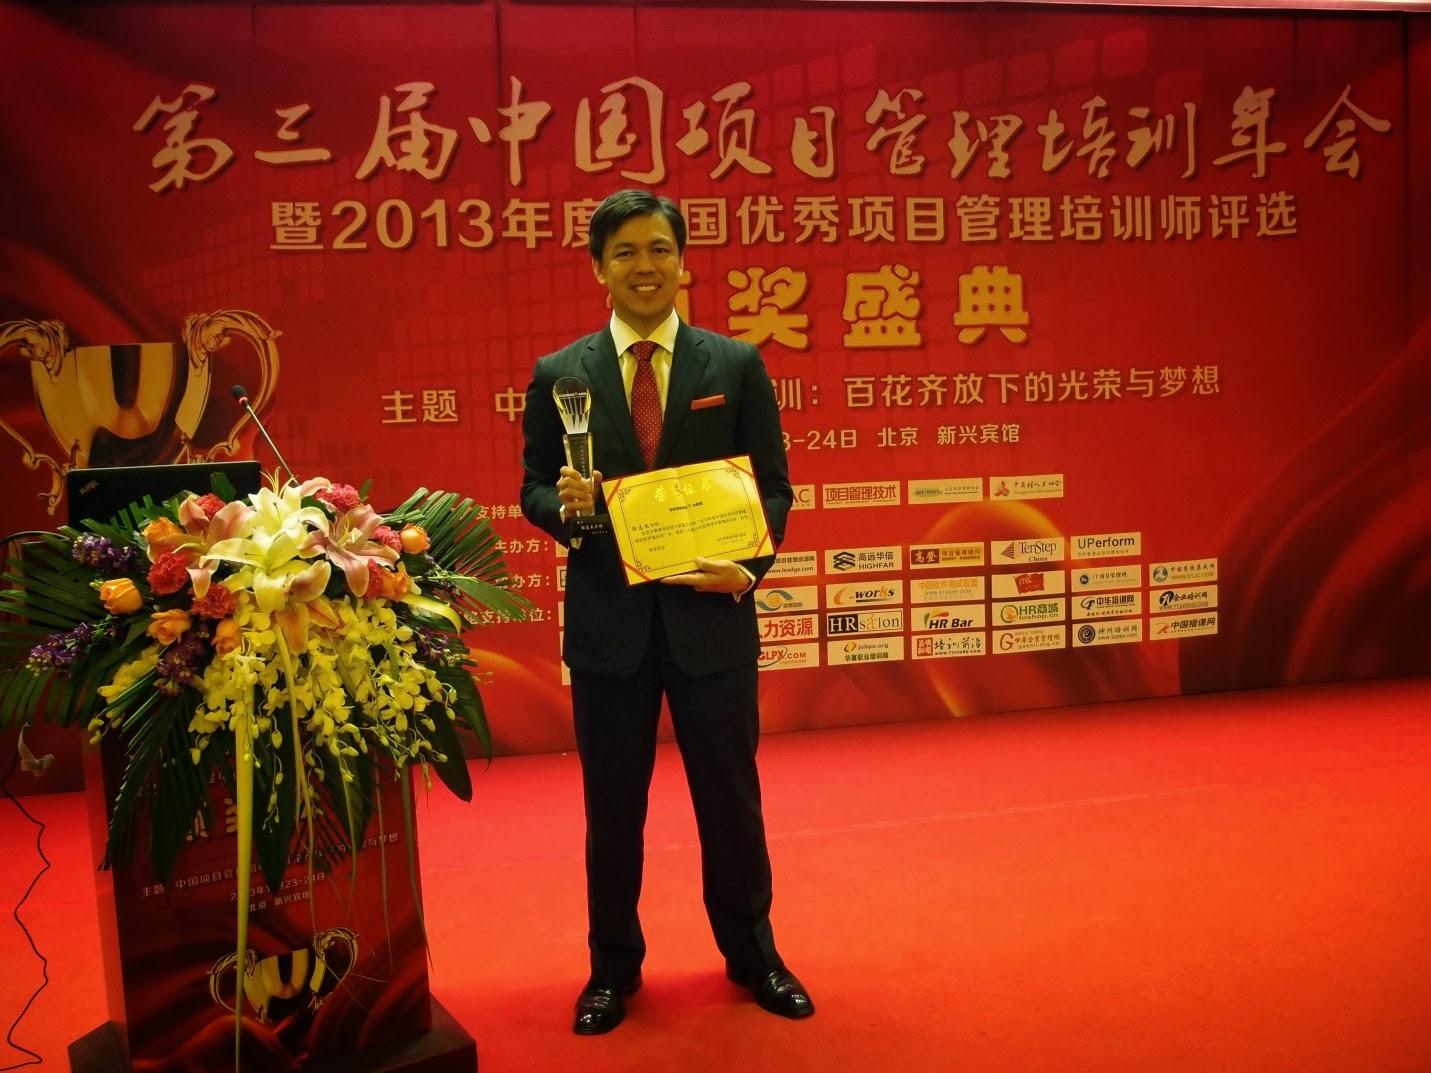 賀!謝總經理榮獲 中國十大項目管理培訓師